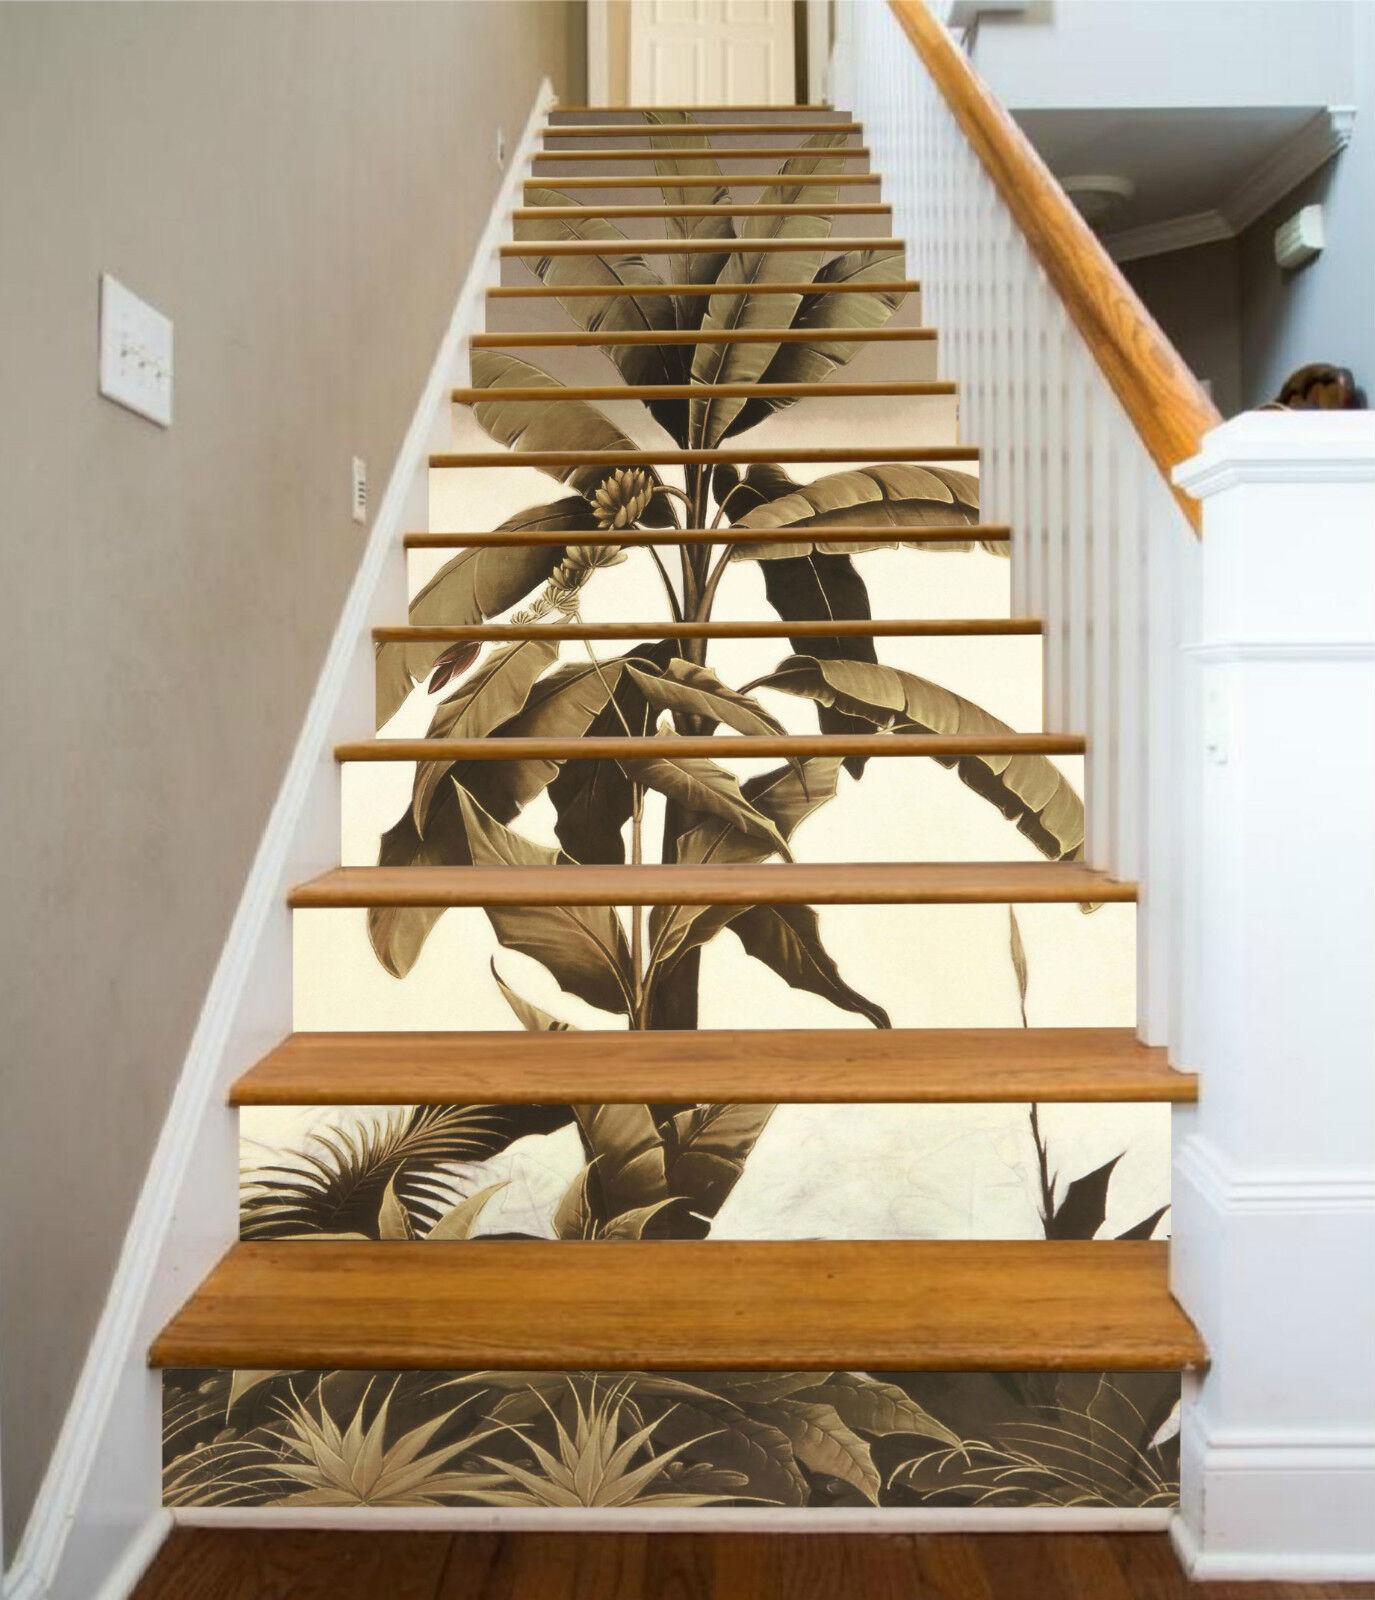 3D Grüne Blätter 73 Stair Risers Dekoration Fototapete Vinyl Aufkleber Tapete DE